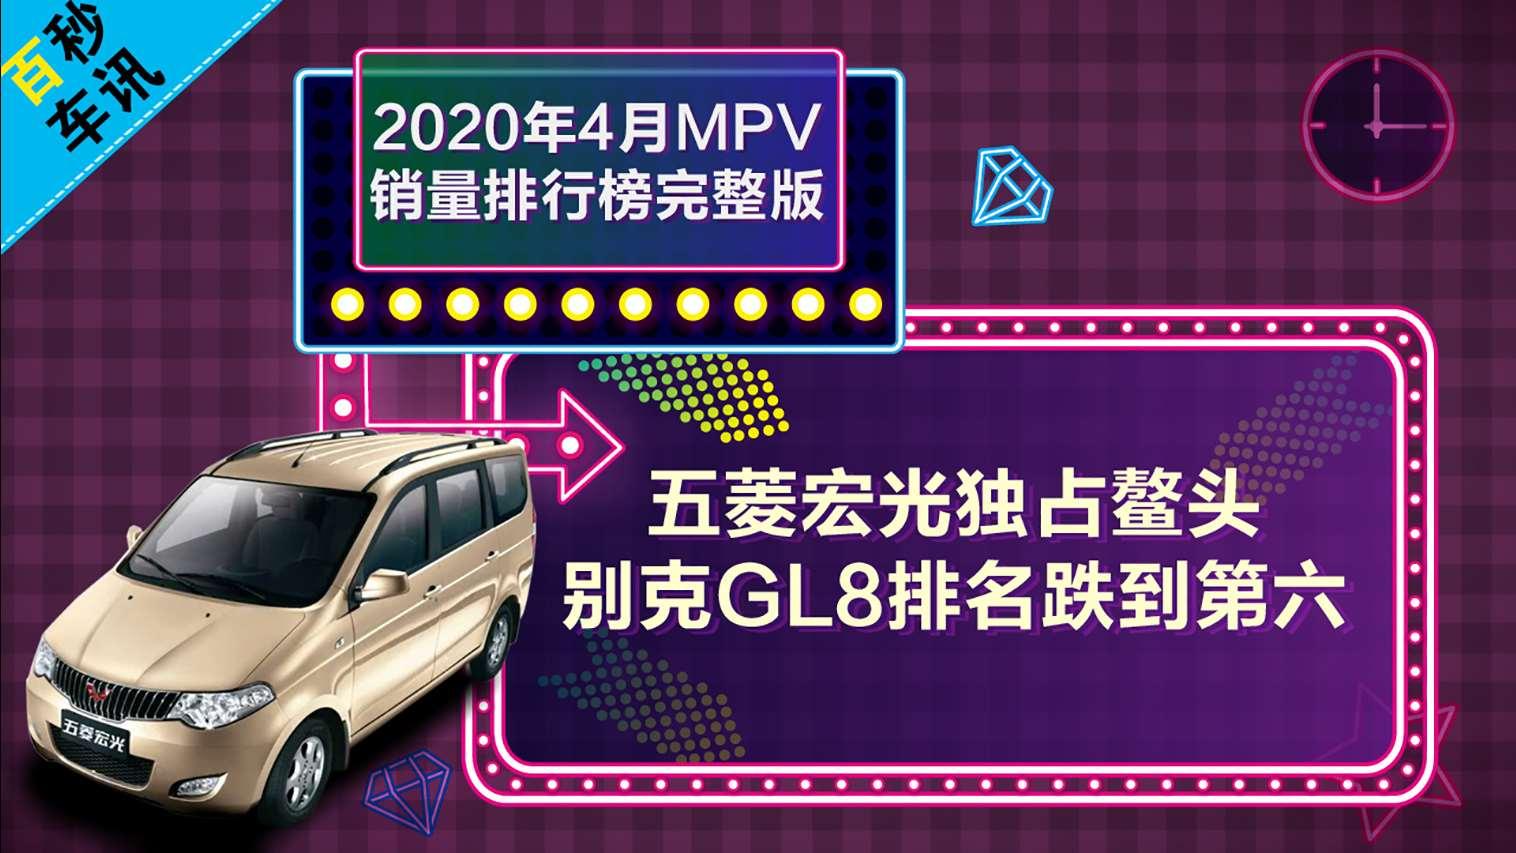 【百秒车讯】2020年4月MPV销量出炉,五菱宏光独占鳌头